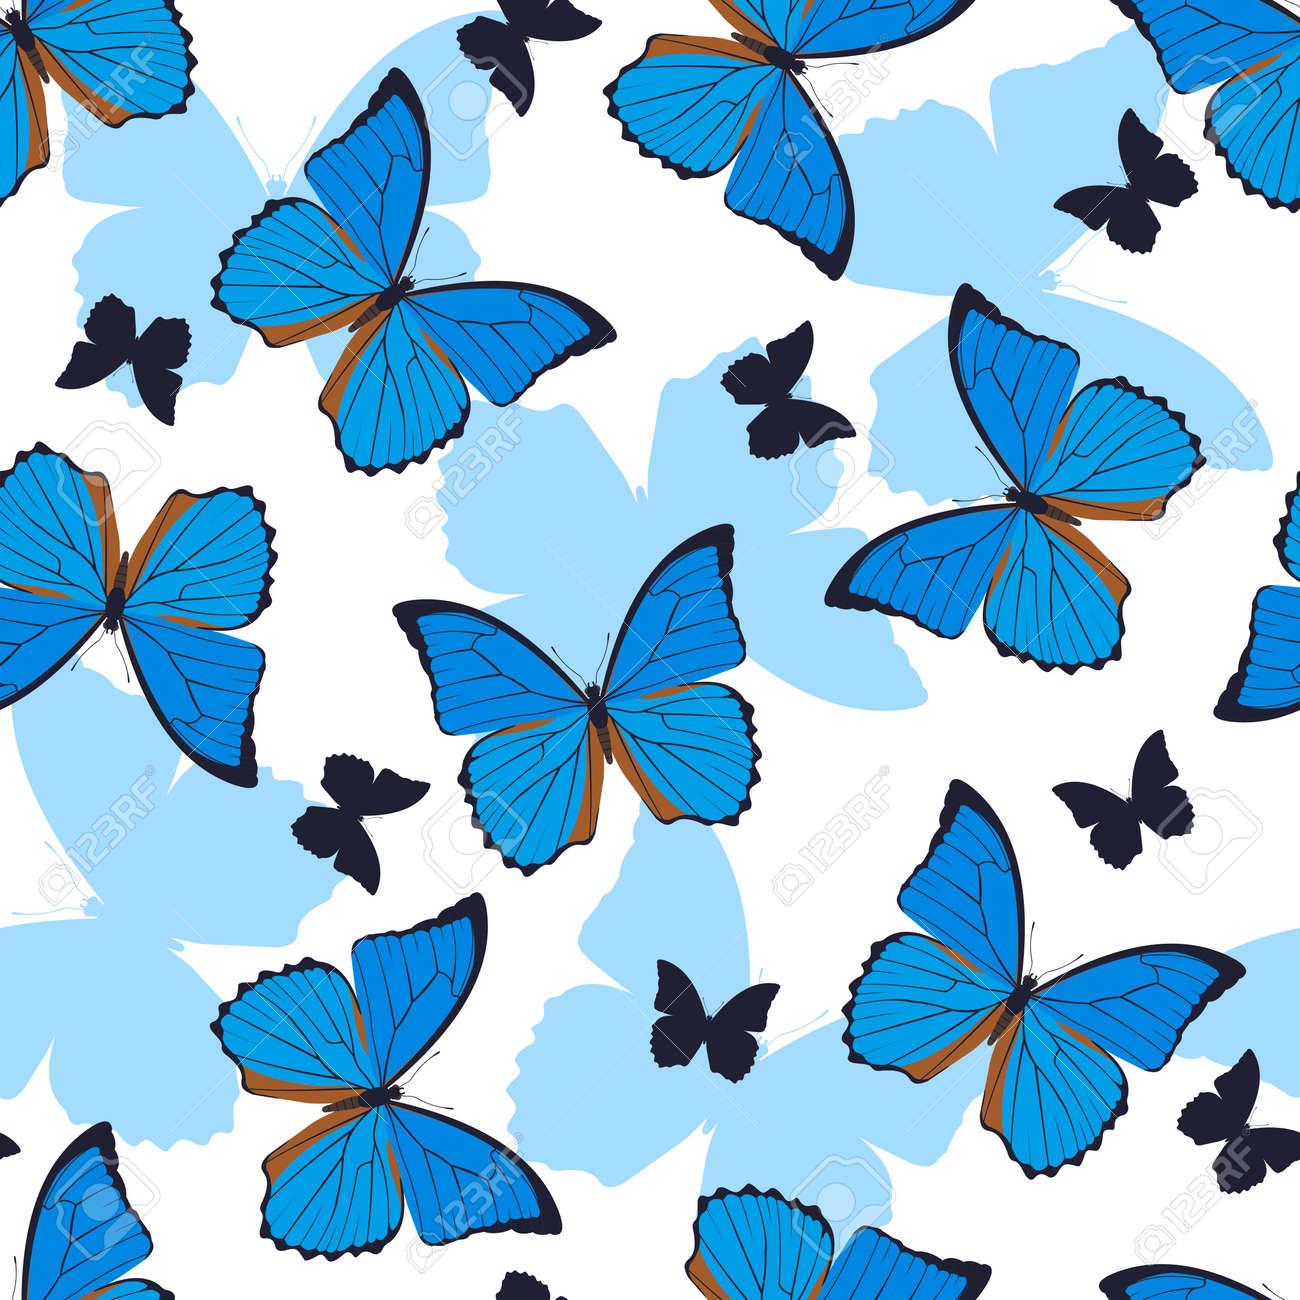 Vettoriale Astratte Farfalle Seamless Su Sfondo Bianco Farfalle